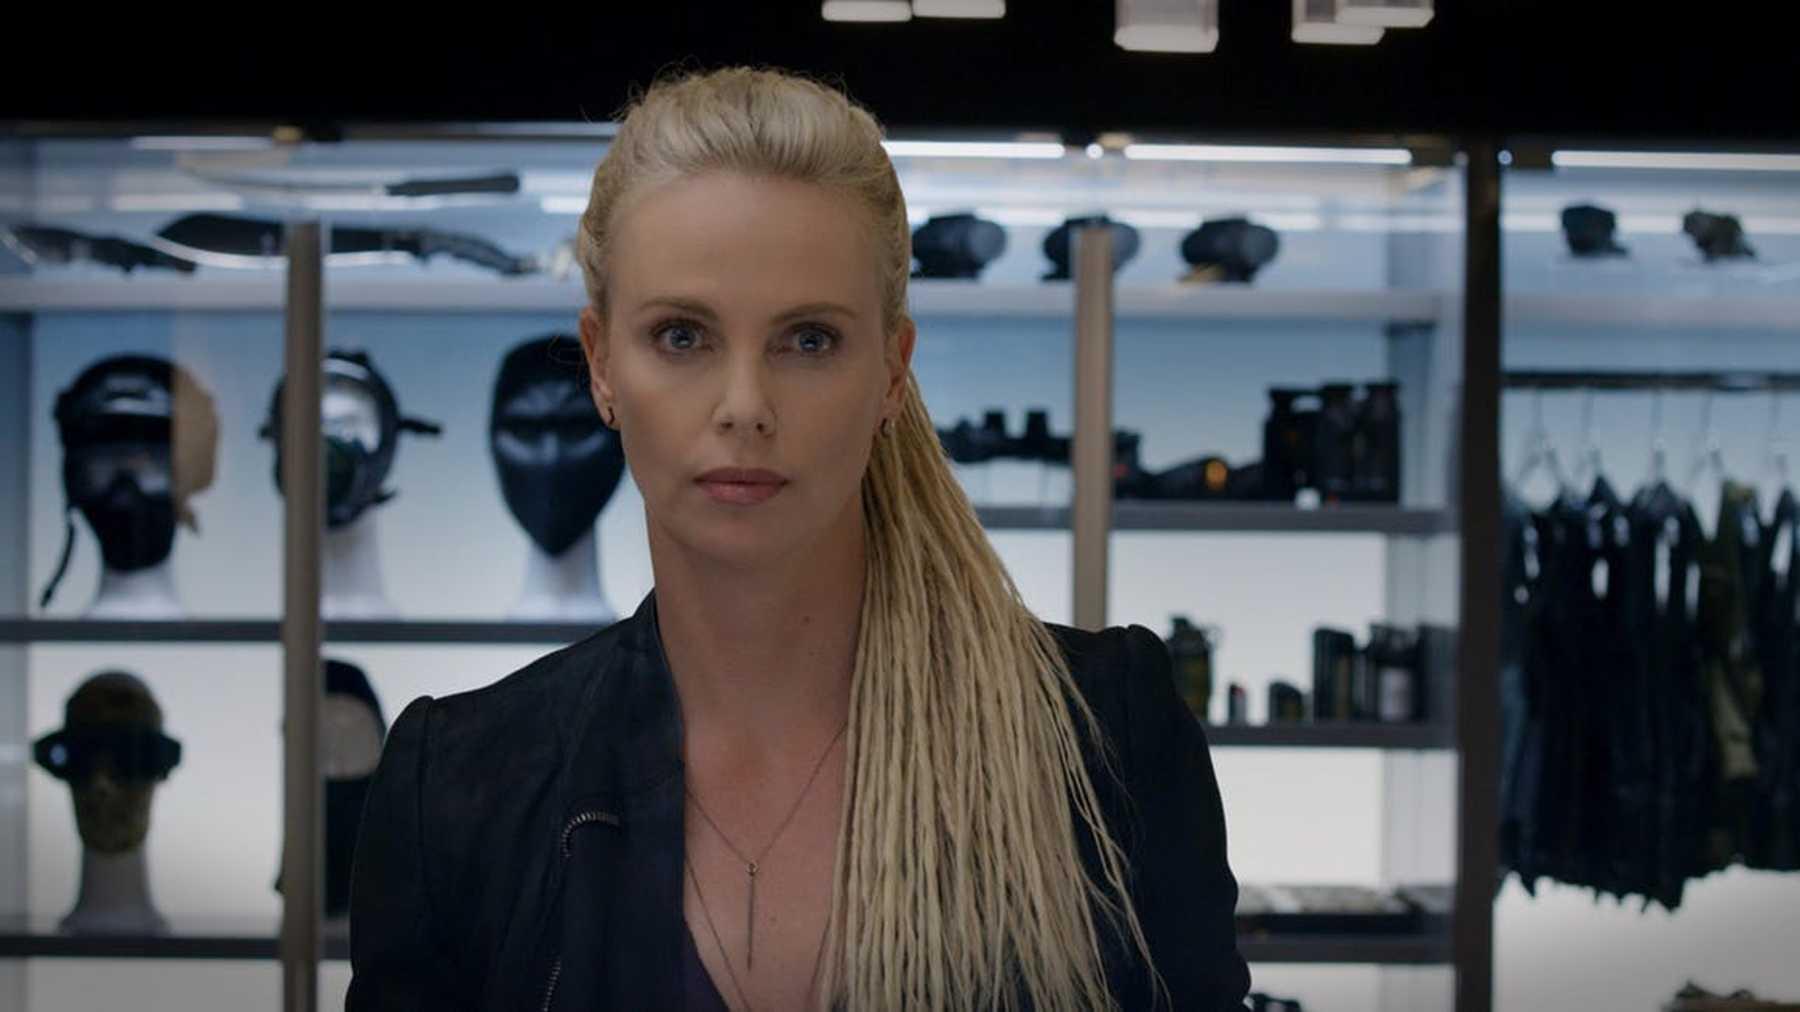 El drástico cambio de look de Charlize Theron para Fast & Furios 9